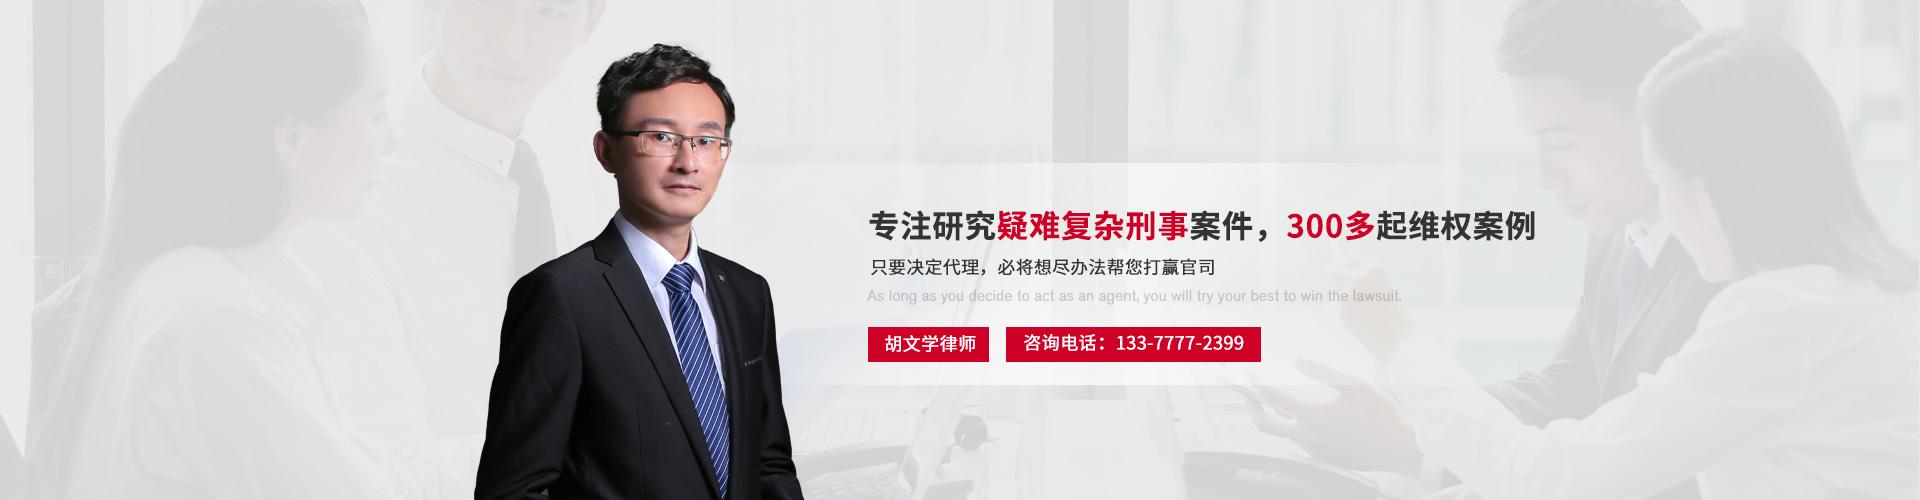 东莞胡文学律师